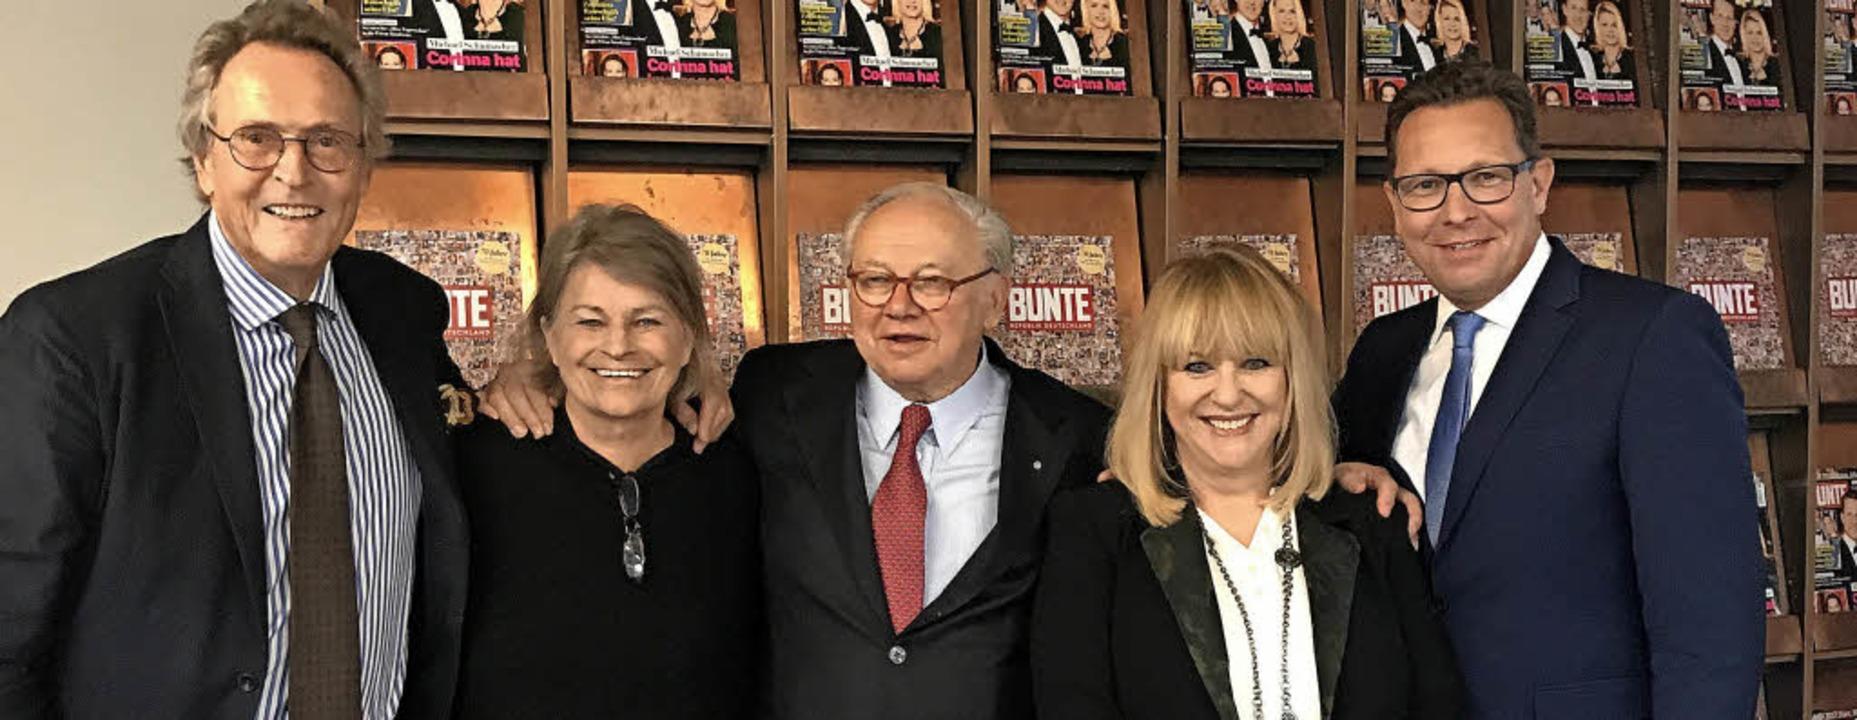 Seltener Anblick:  vier frühere und de...6-2016) und Robert Pölzer (seit 2016)   | Foto: Hubert Burda Media